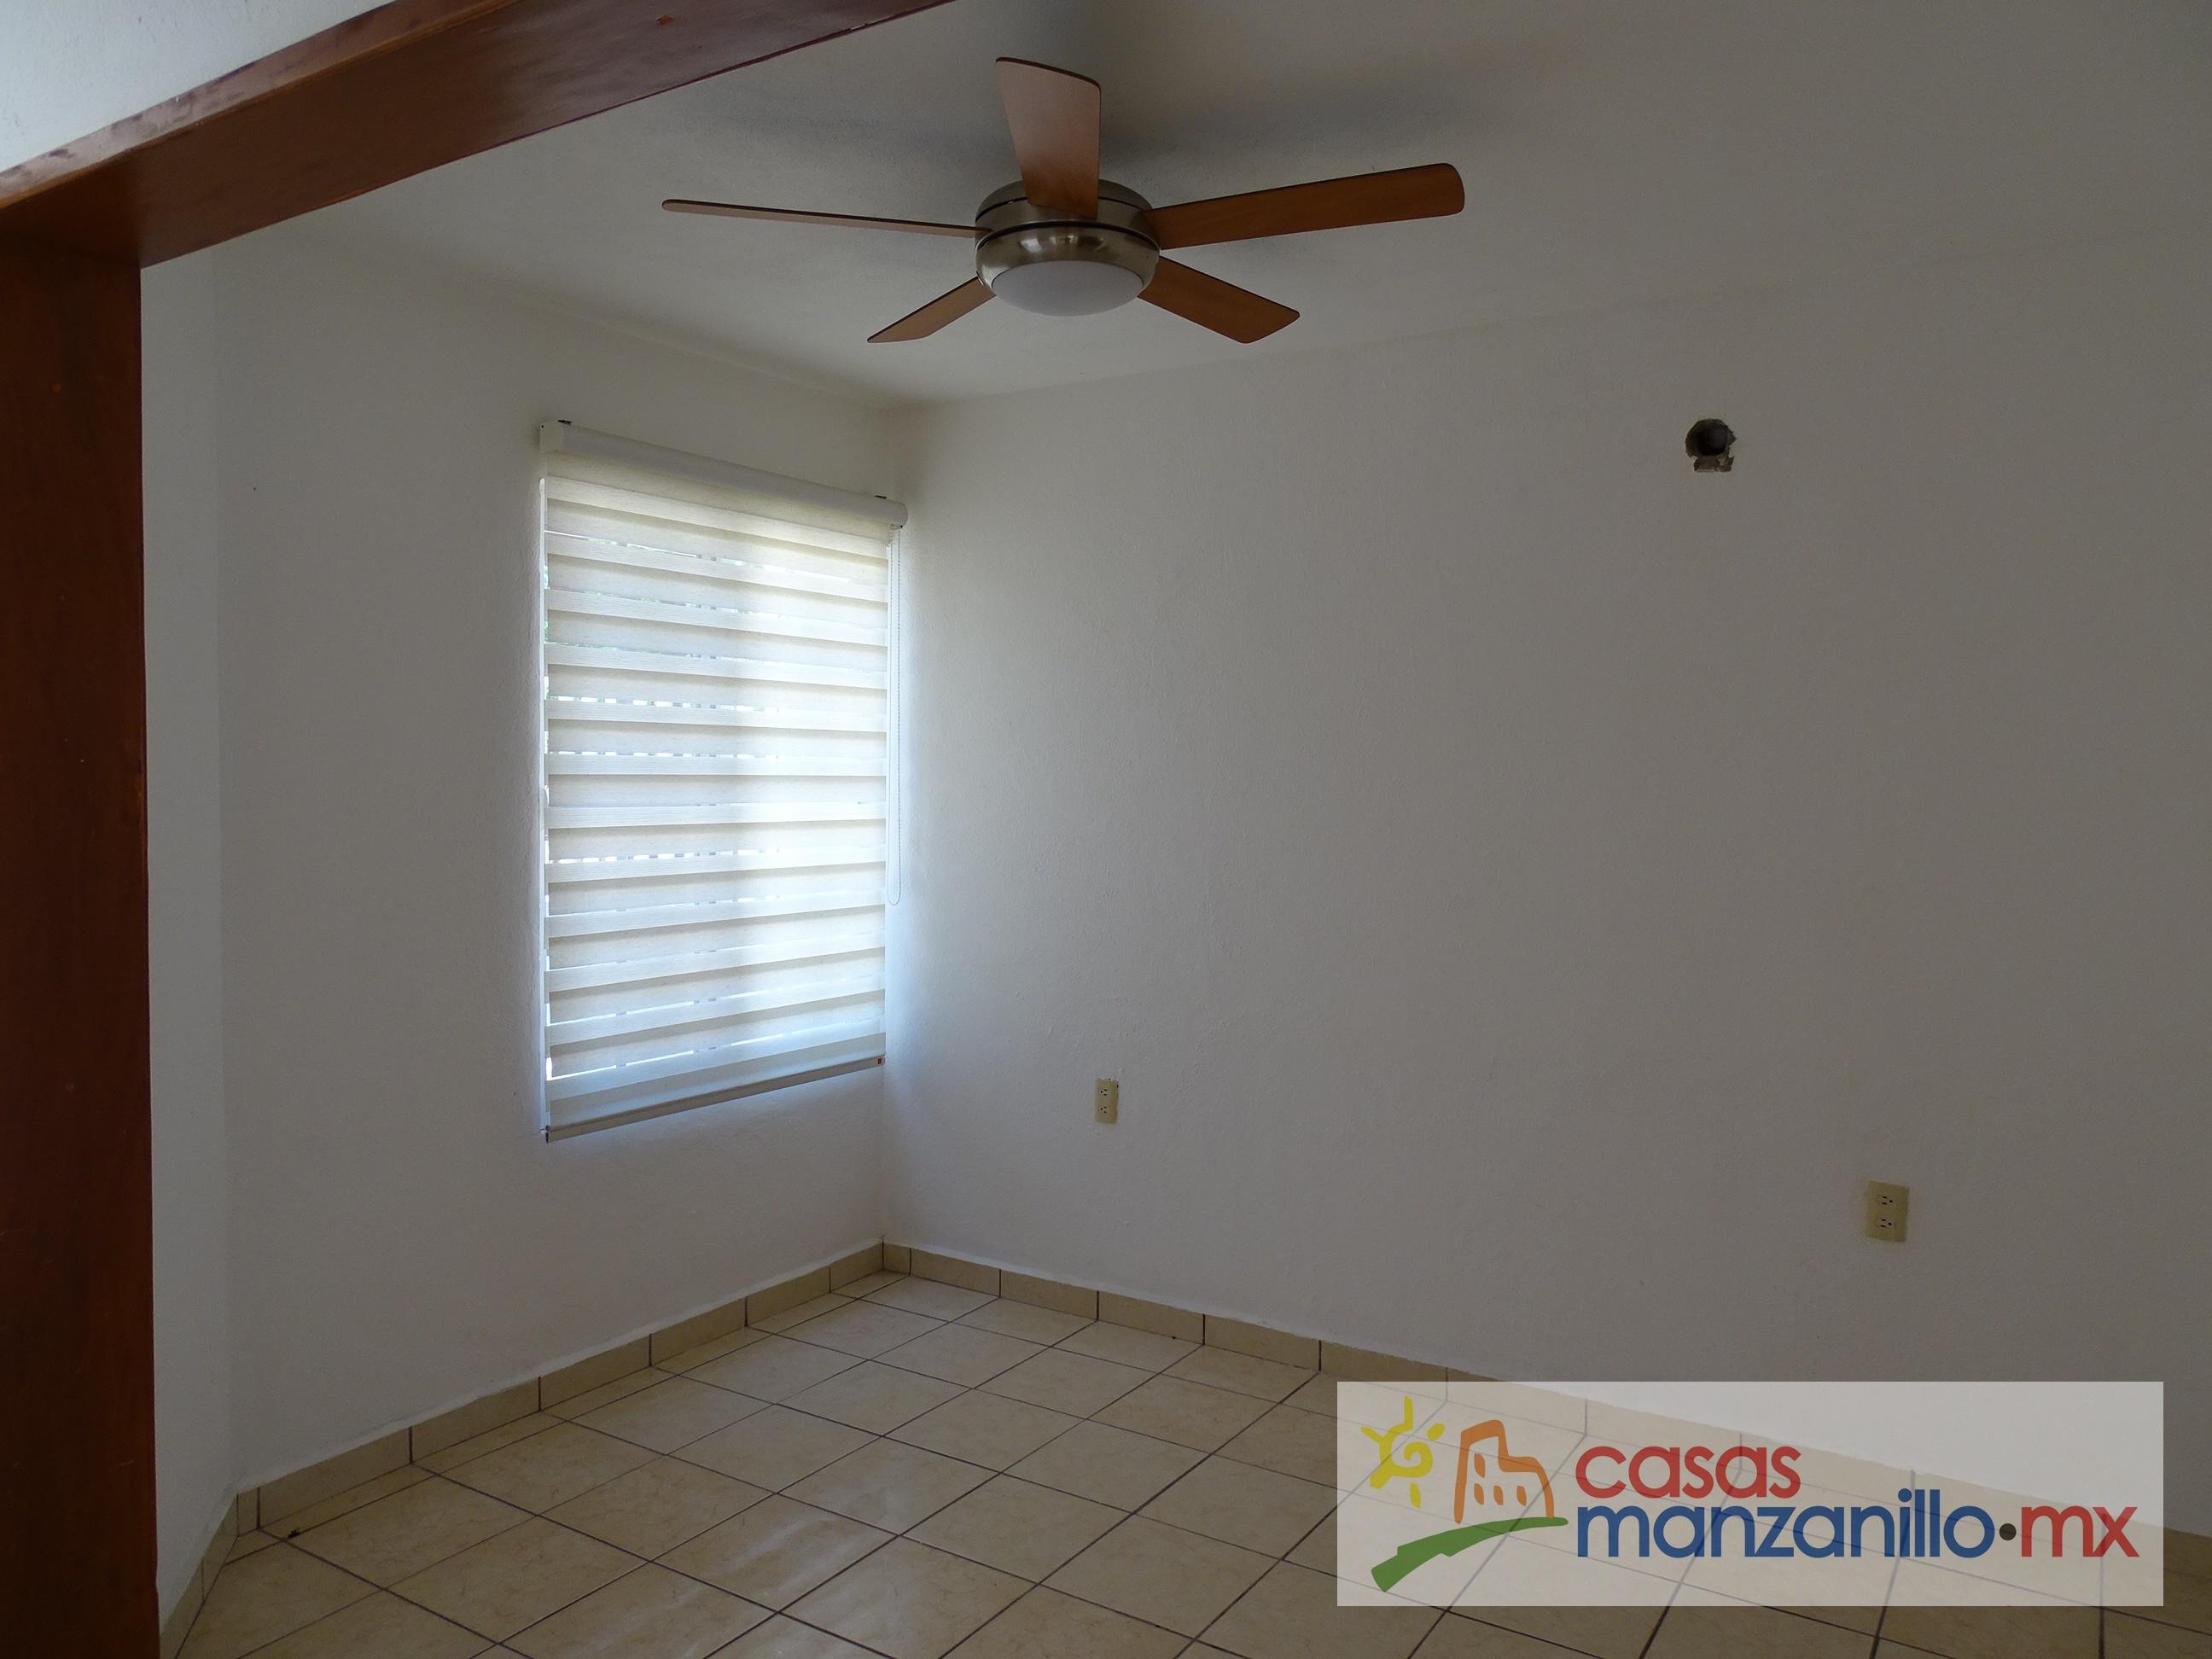 Casas VENTA Manzanillo - La Joya (25)